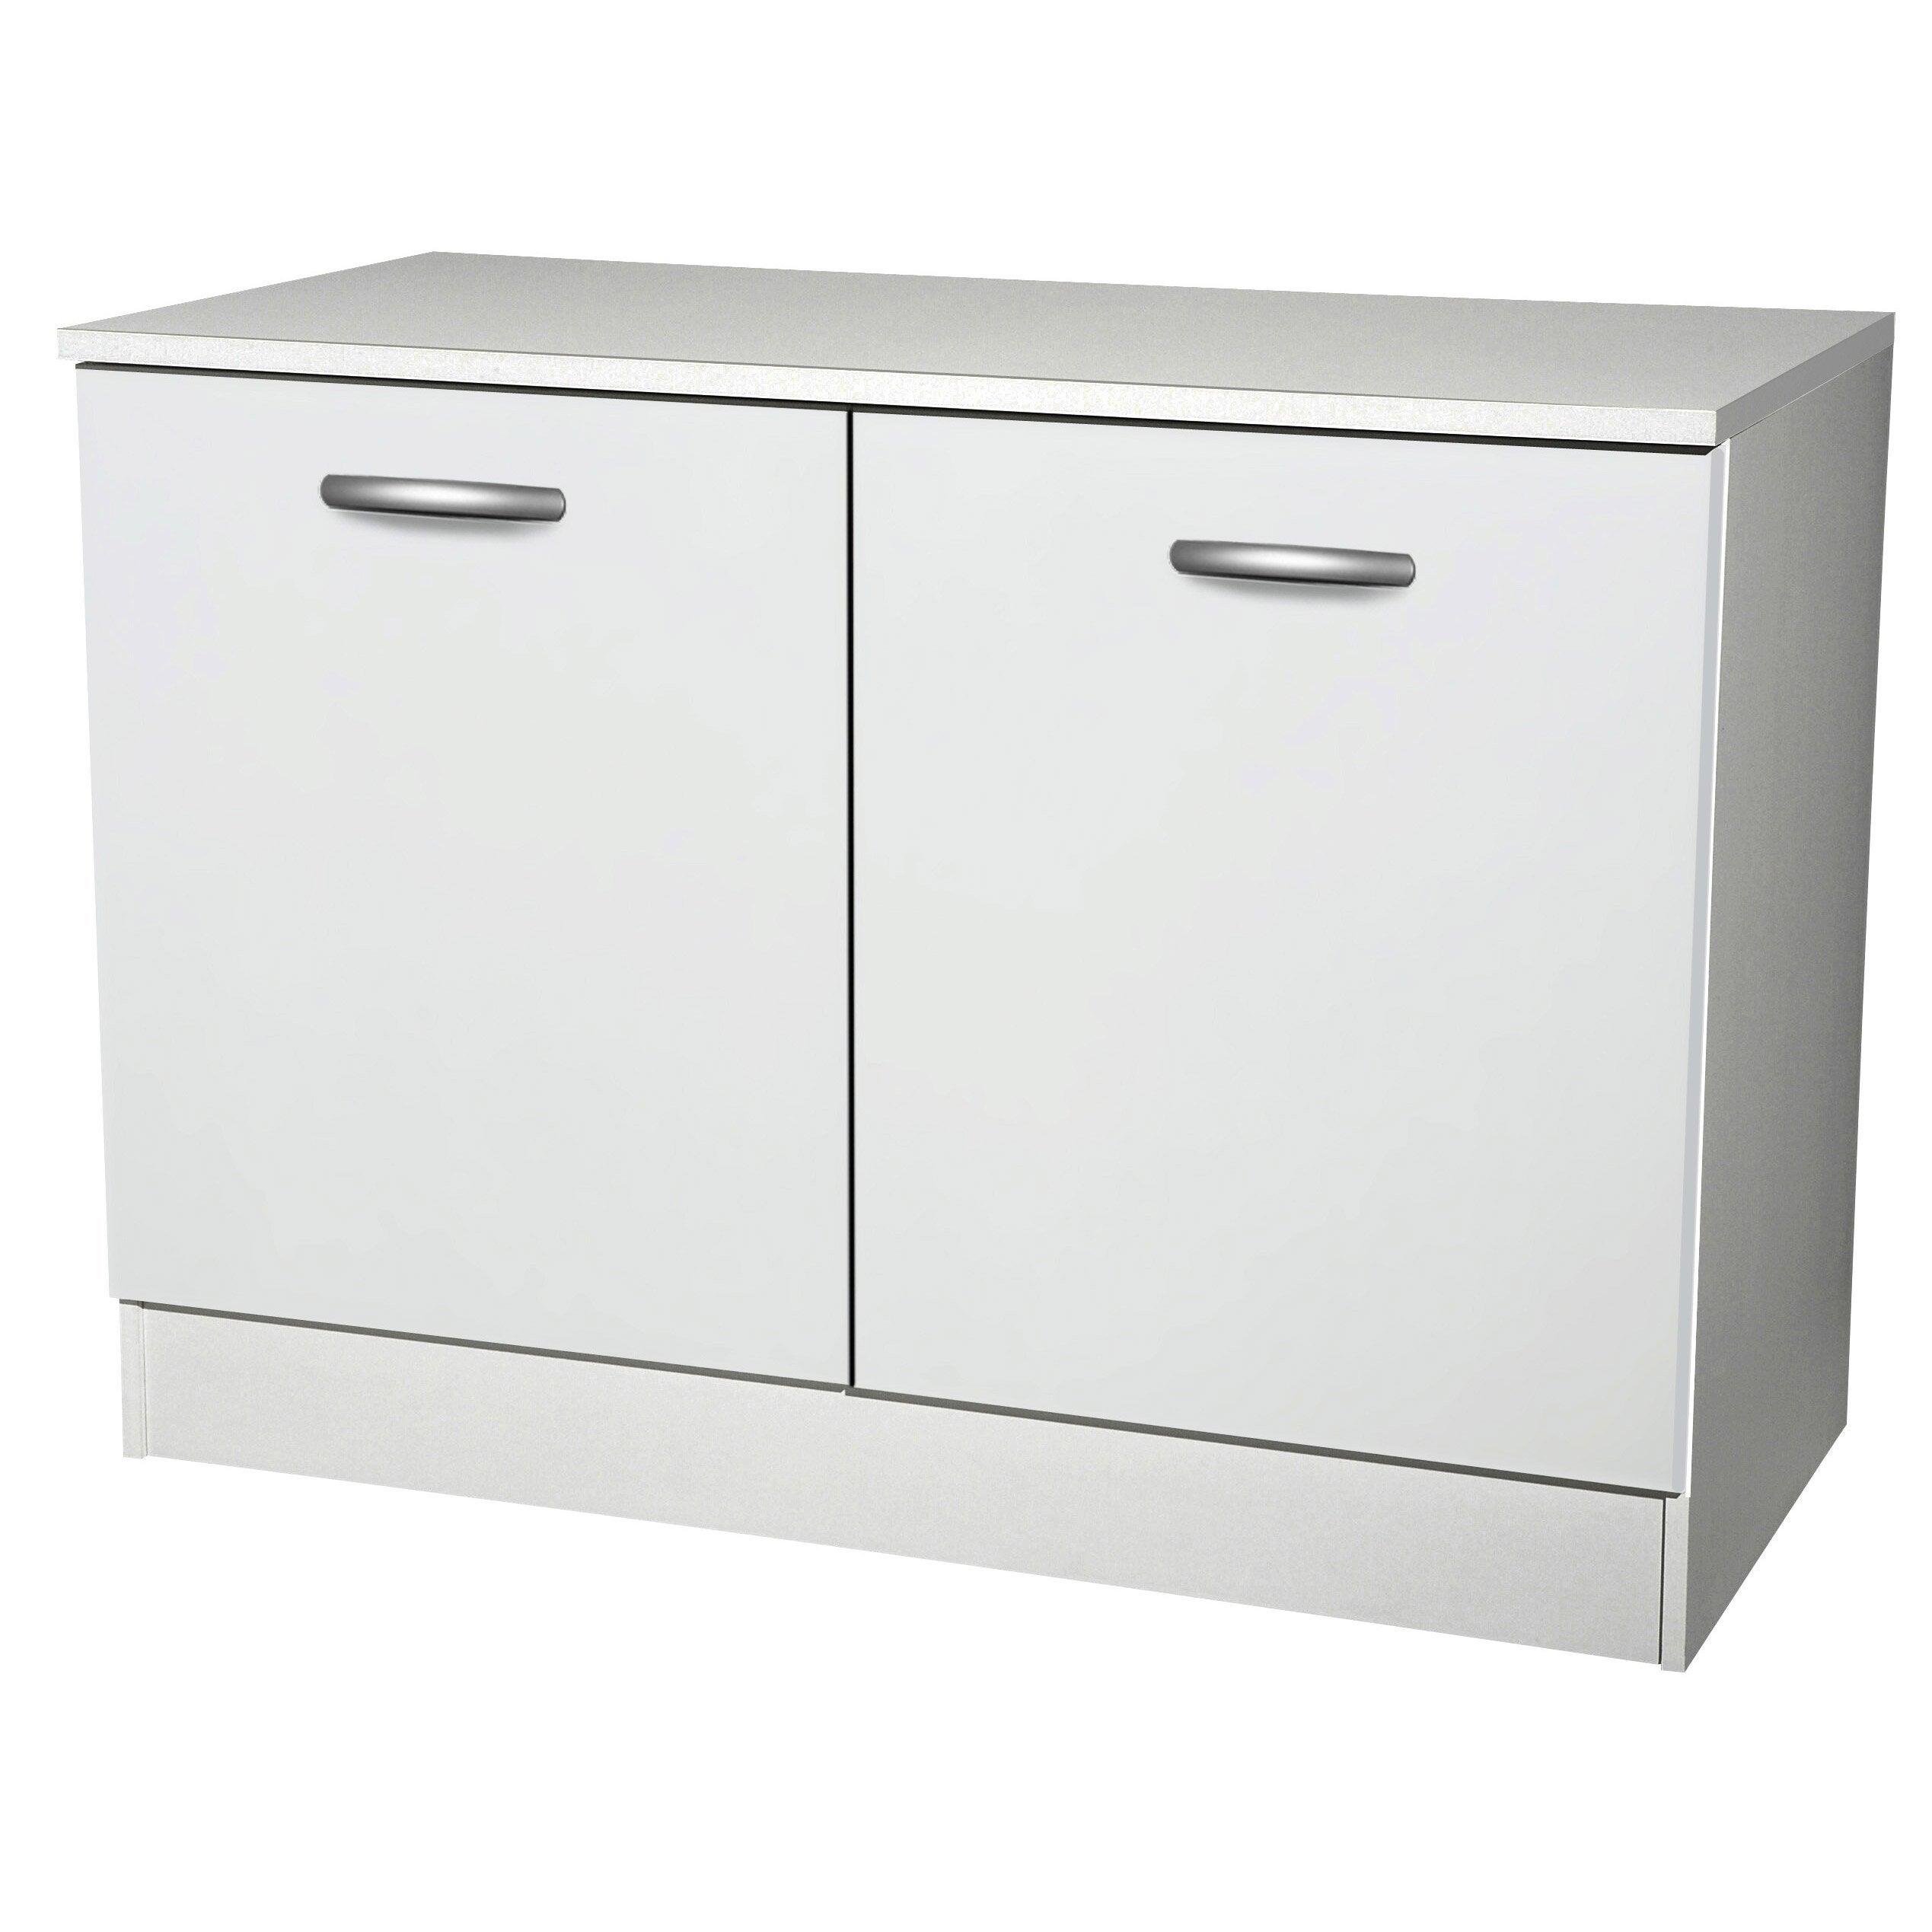 Meuble Bas De Rangement Pour Cuisine meuble de cuisine bas 2 portes, blanc, h86x l120x p60cm